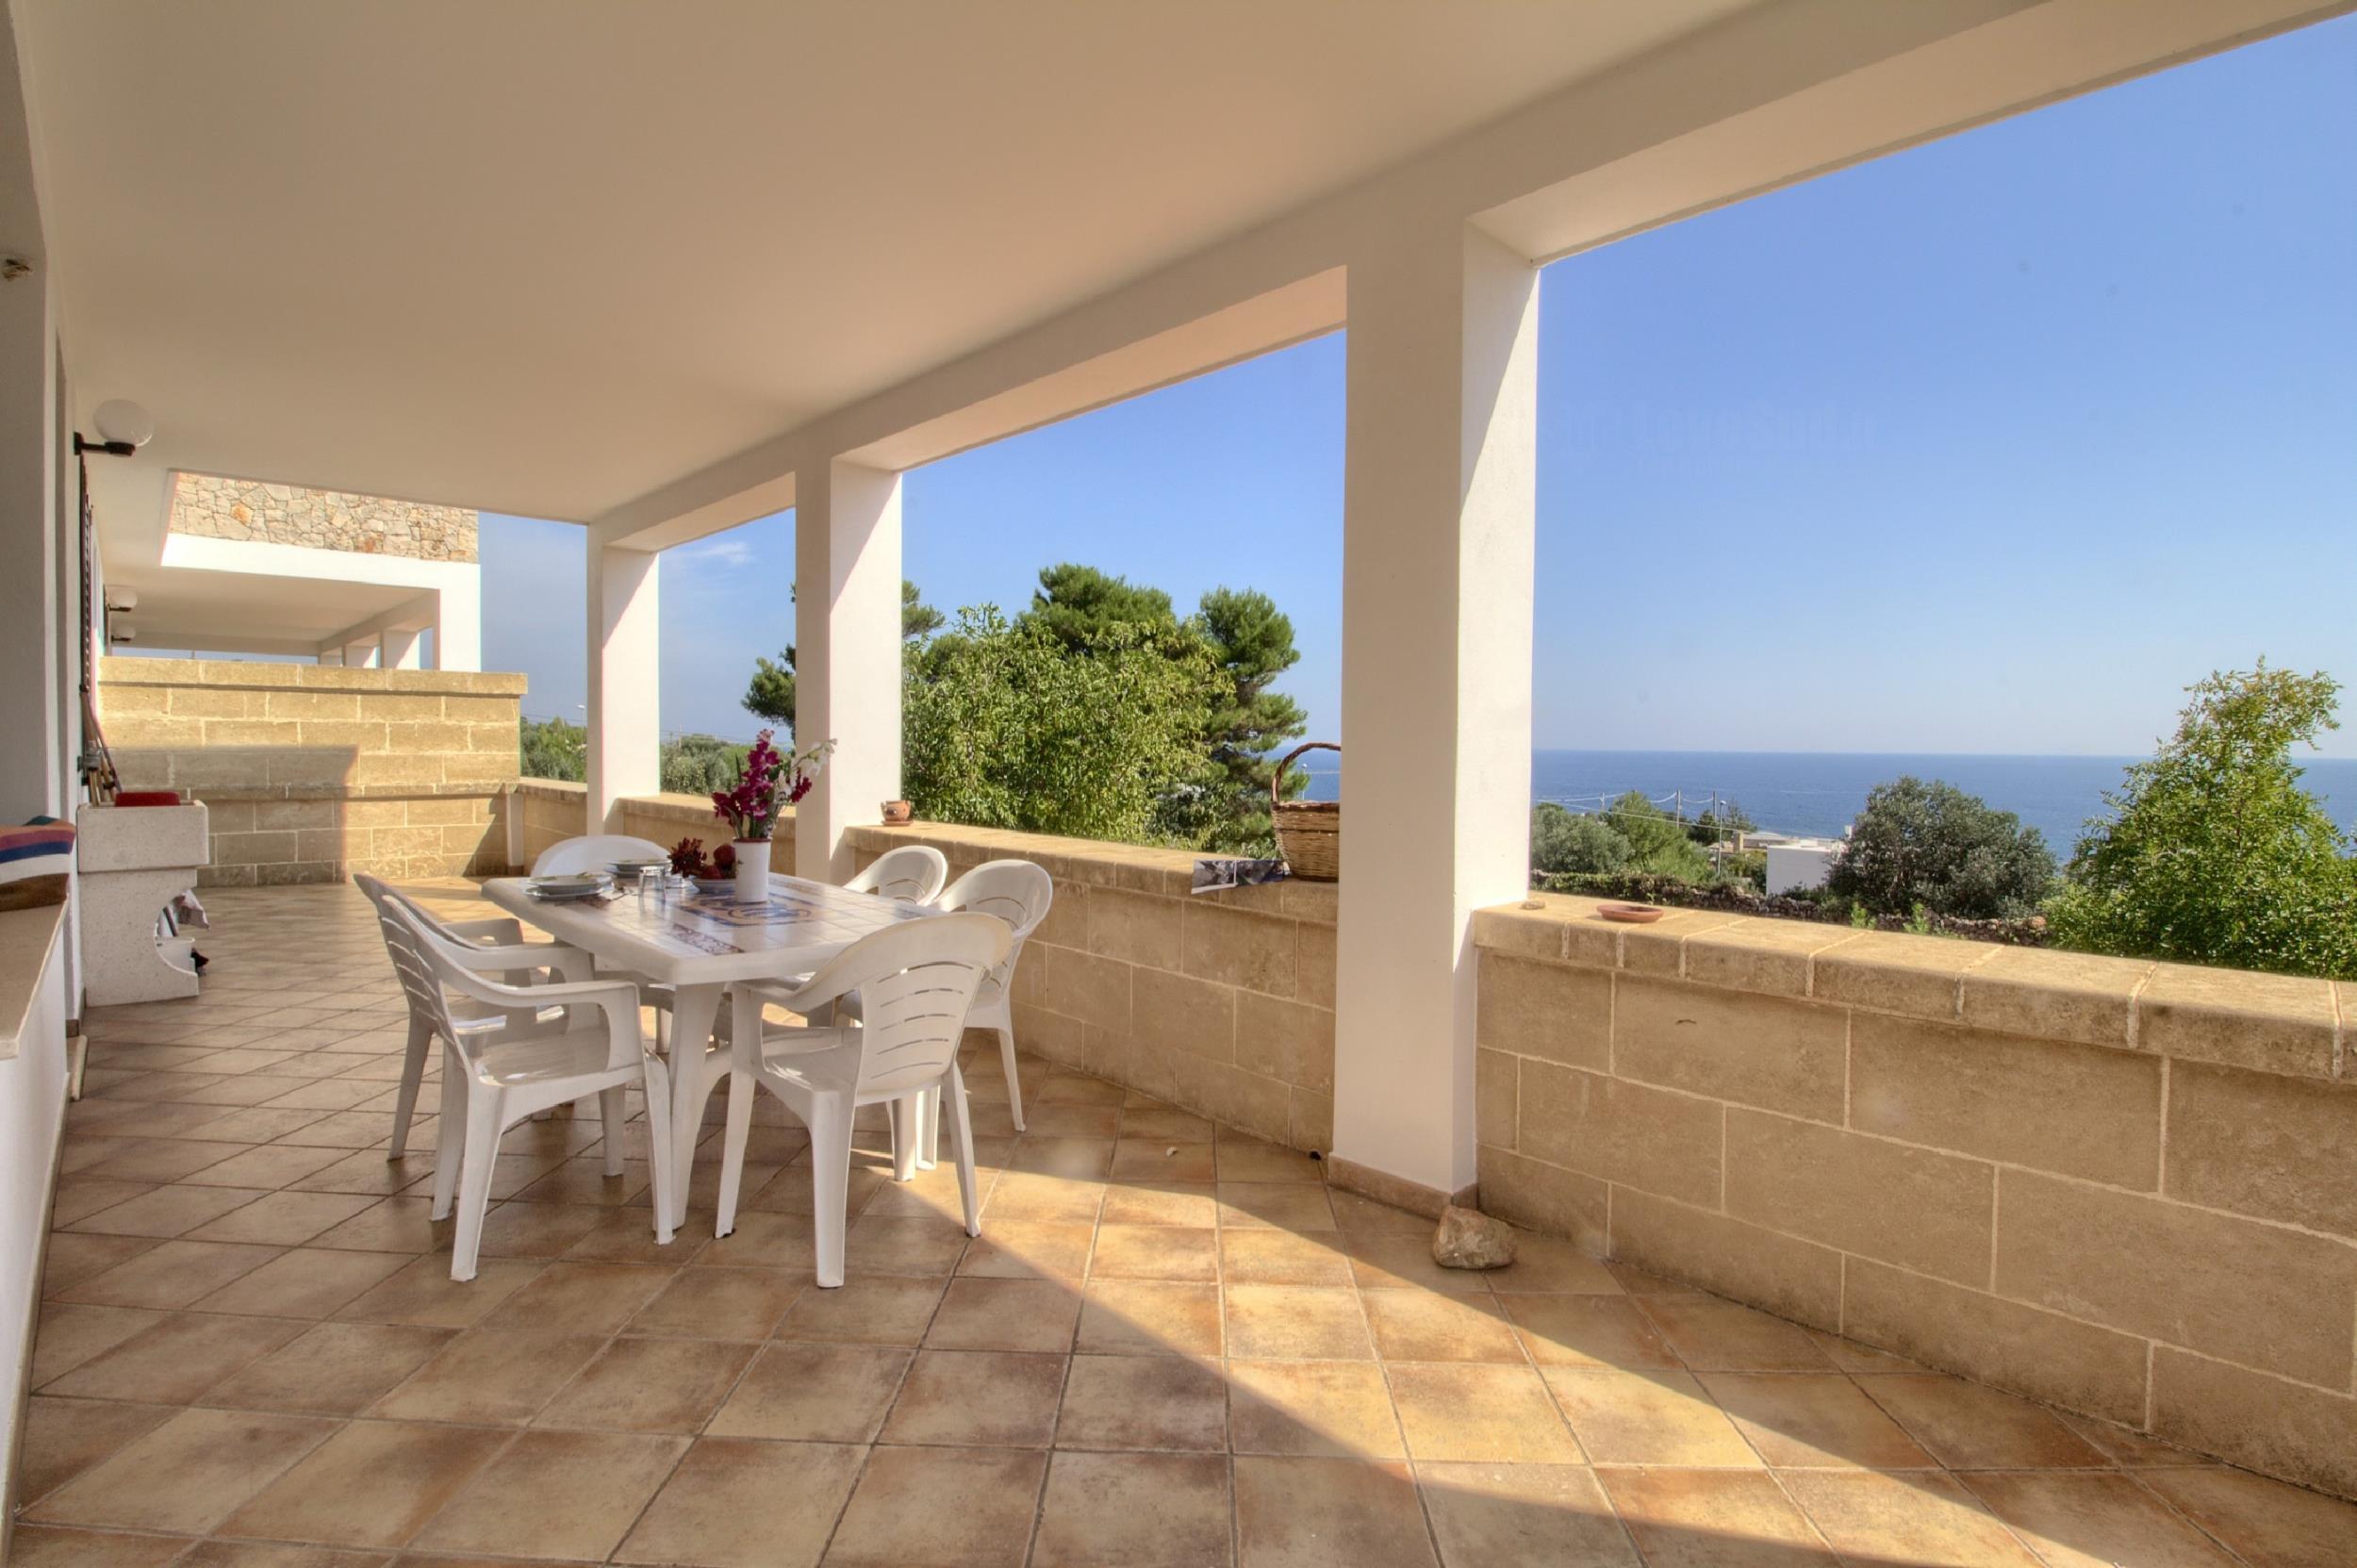 Apartment Corbezzolo vista mare photo 22470853